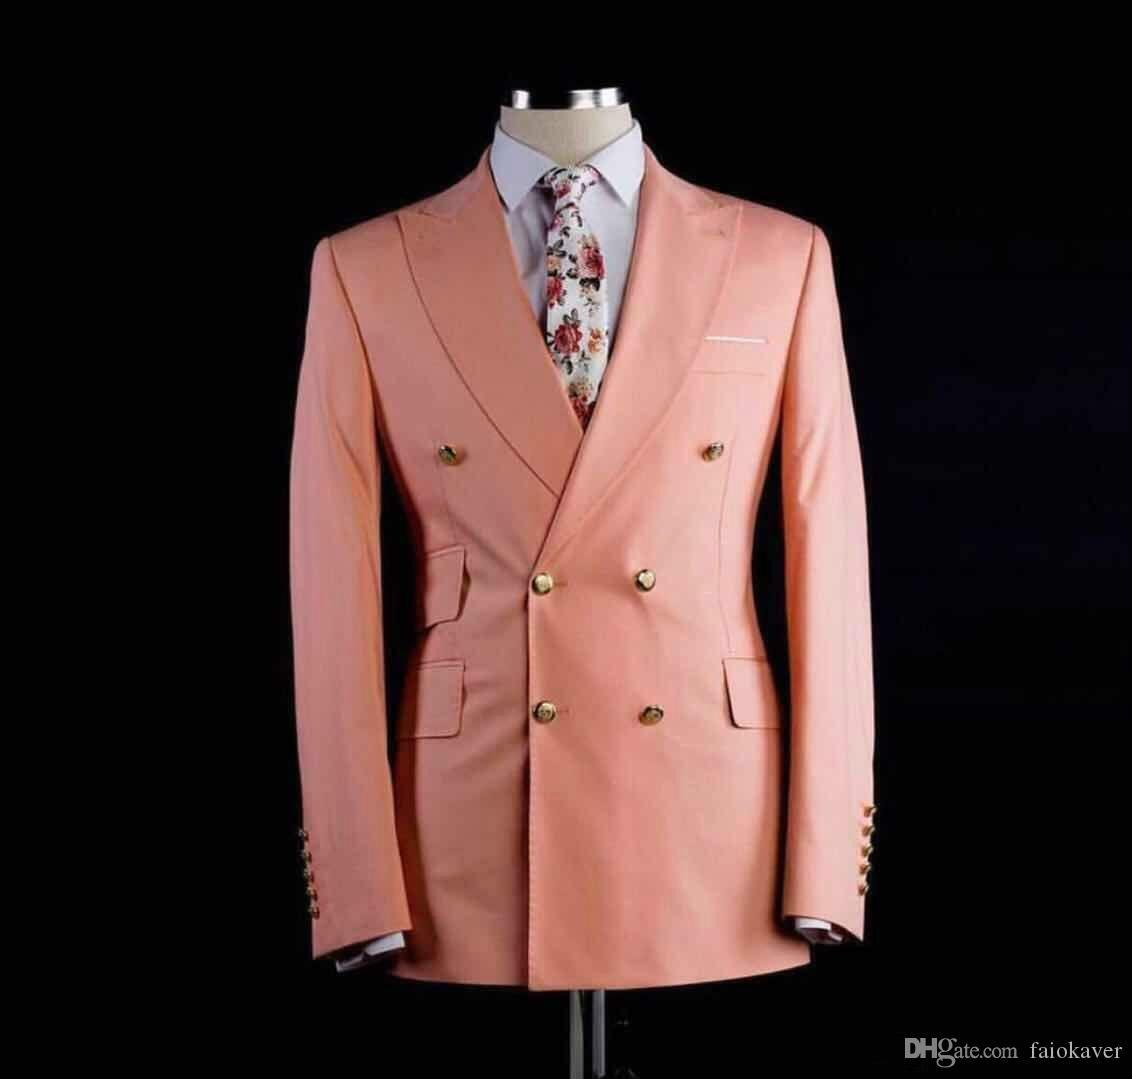 Double Breasted Suits Groomsmen Peach Groom Tuxedos Peak Lapel Mens Wedding Suits Vintage Peaky Custom Made Groom Wear Wedding Tuxedos